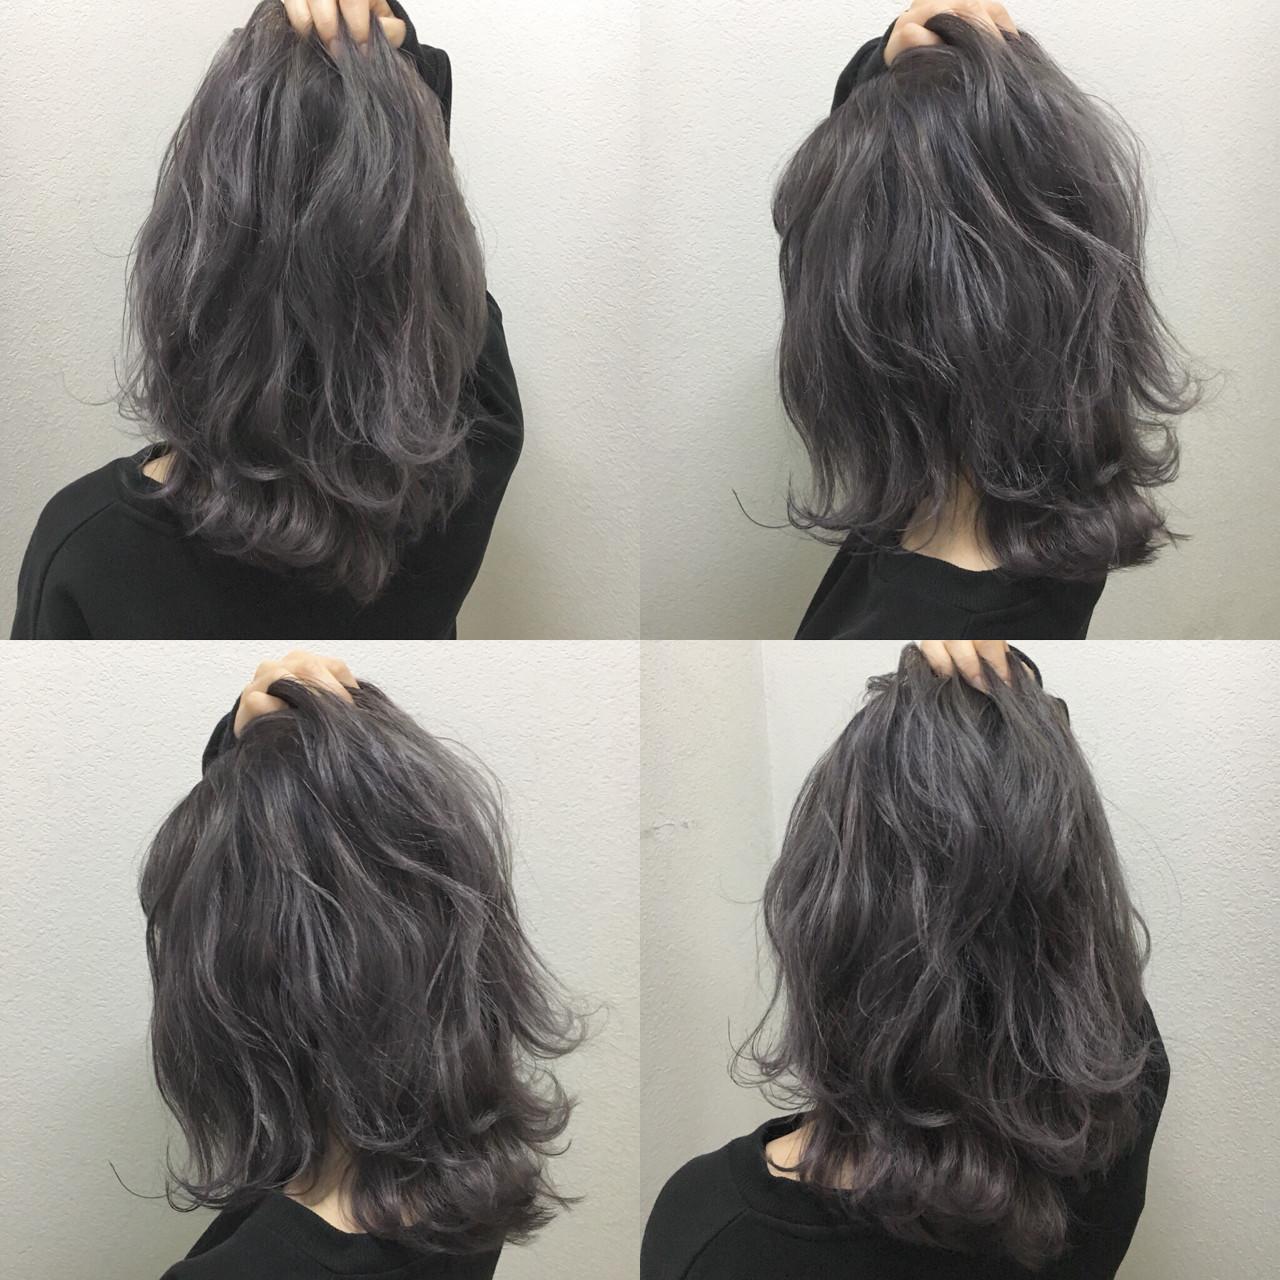 アッシュグレージュ 暗髪 外ハネ ナチュラル ヘアスタイルや髪型の写真・画像 | TAKA / cecil hair 河原町店